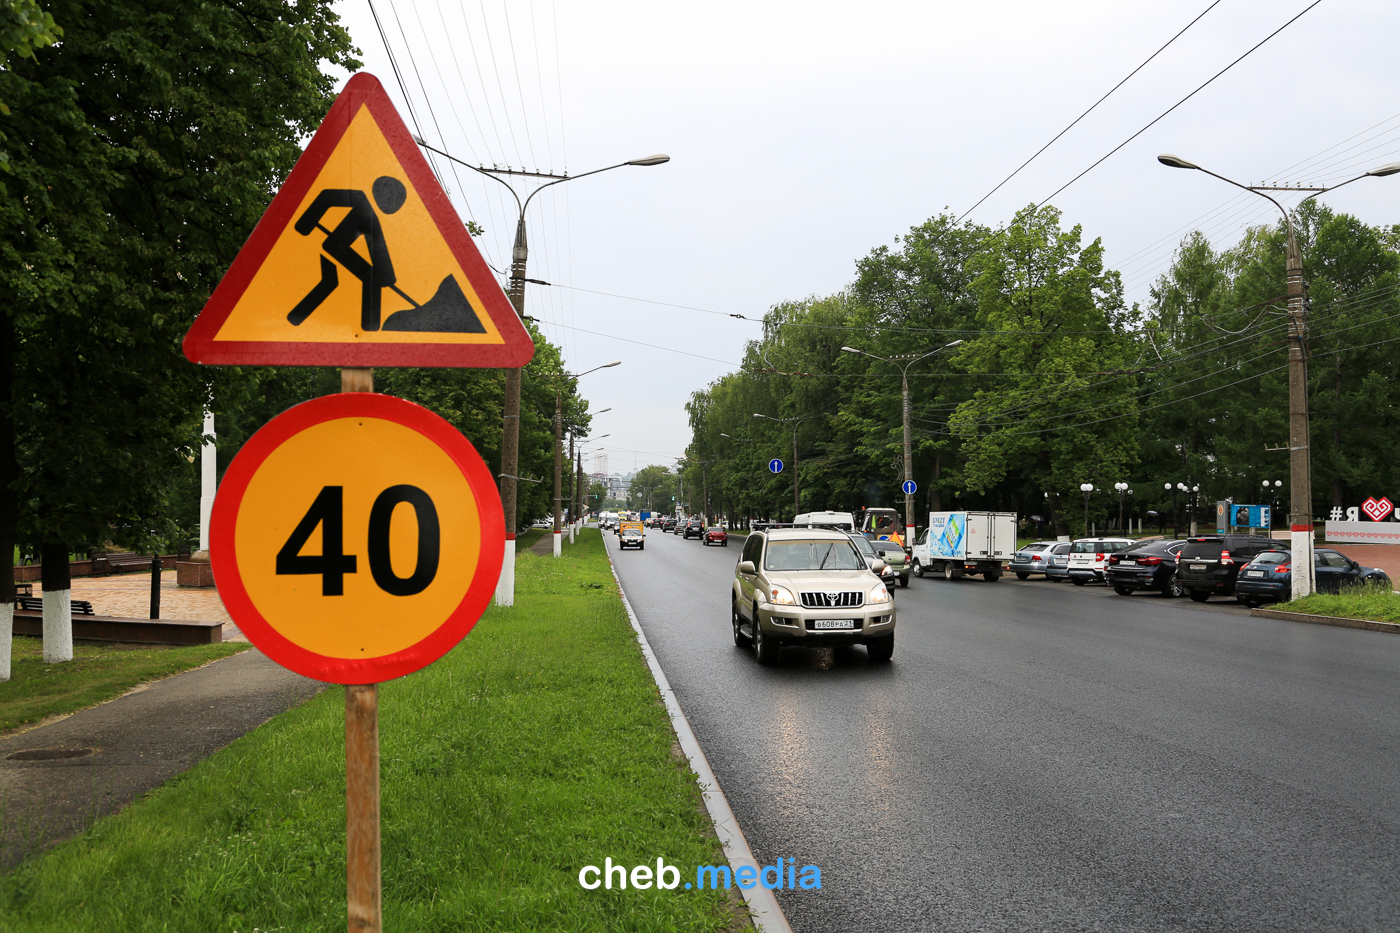 Дороги станут лучше, камер станет больше. Как чиновники ремонт улиц инспектировали